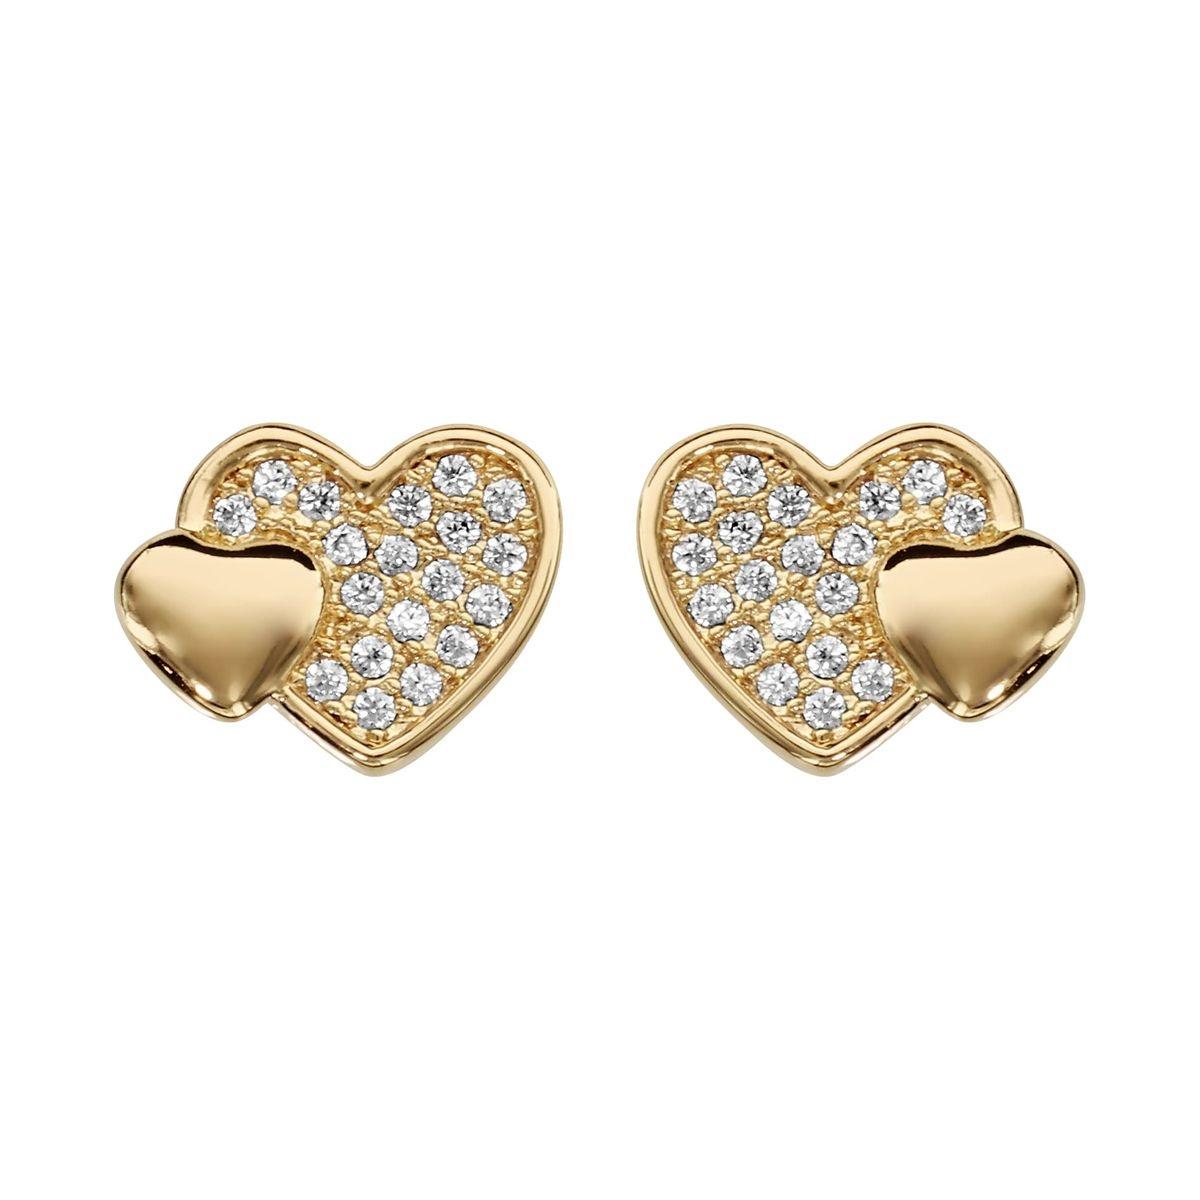 Boucles d'oreilles Double Coeur Pavage Lisse Plaqué Or